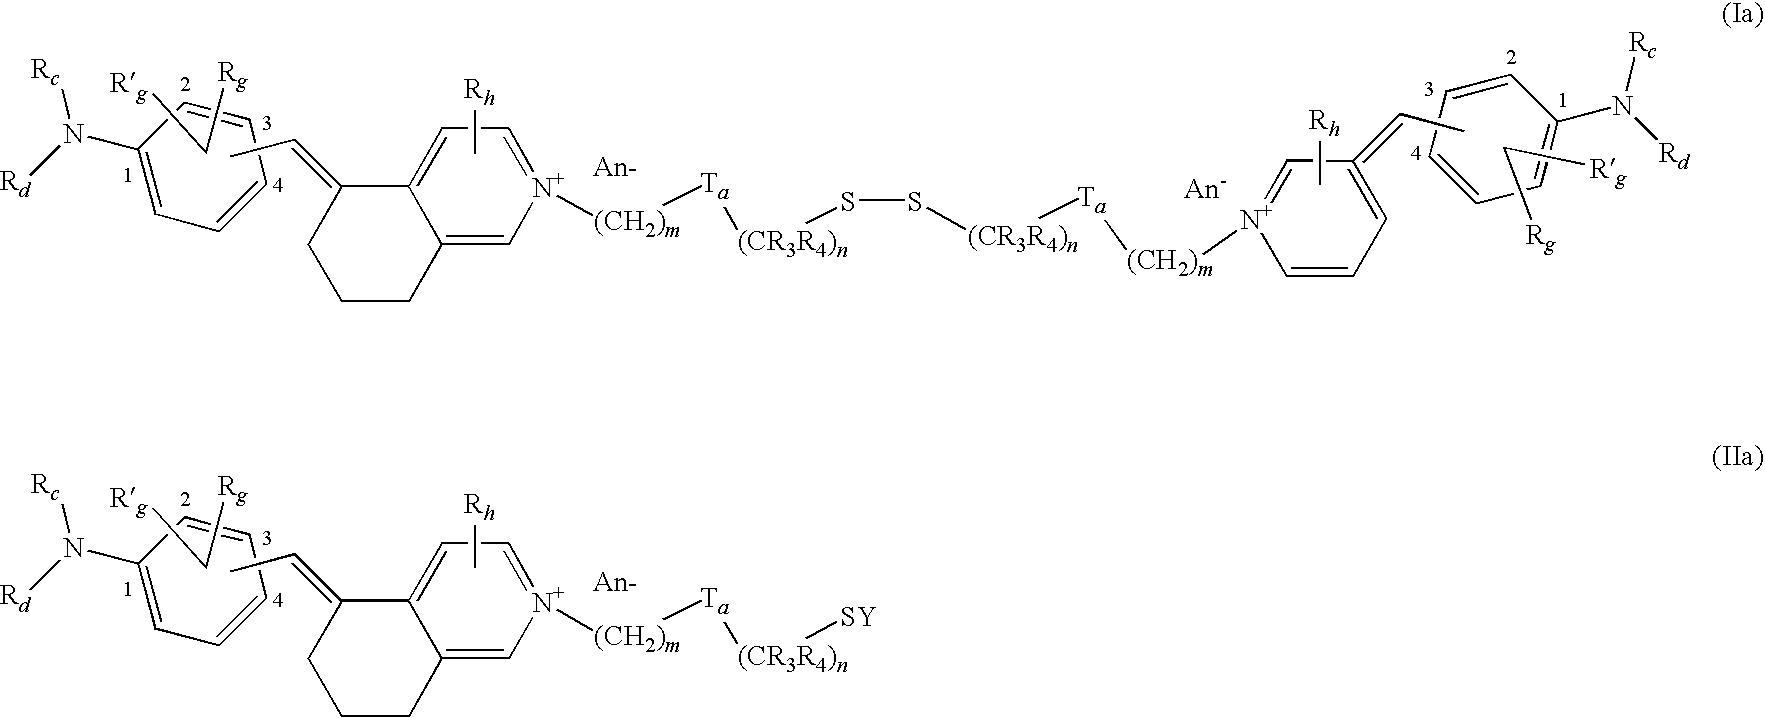 Figure US20090126125A1-20090521-C00007